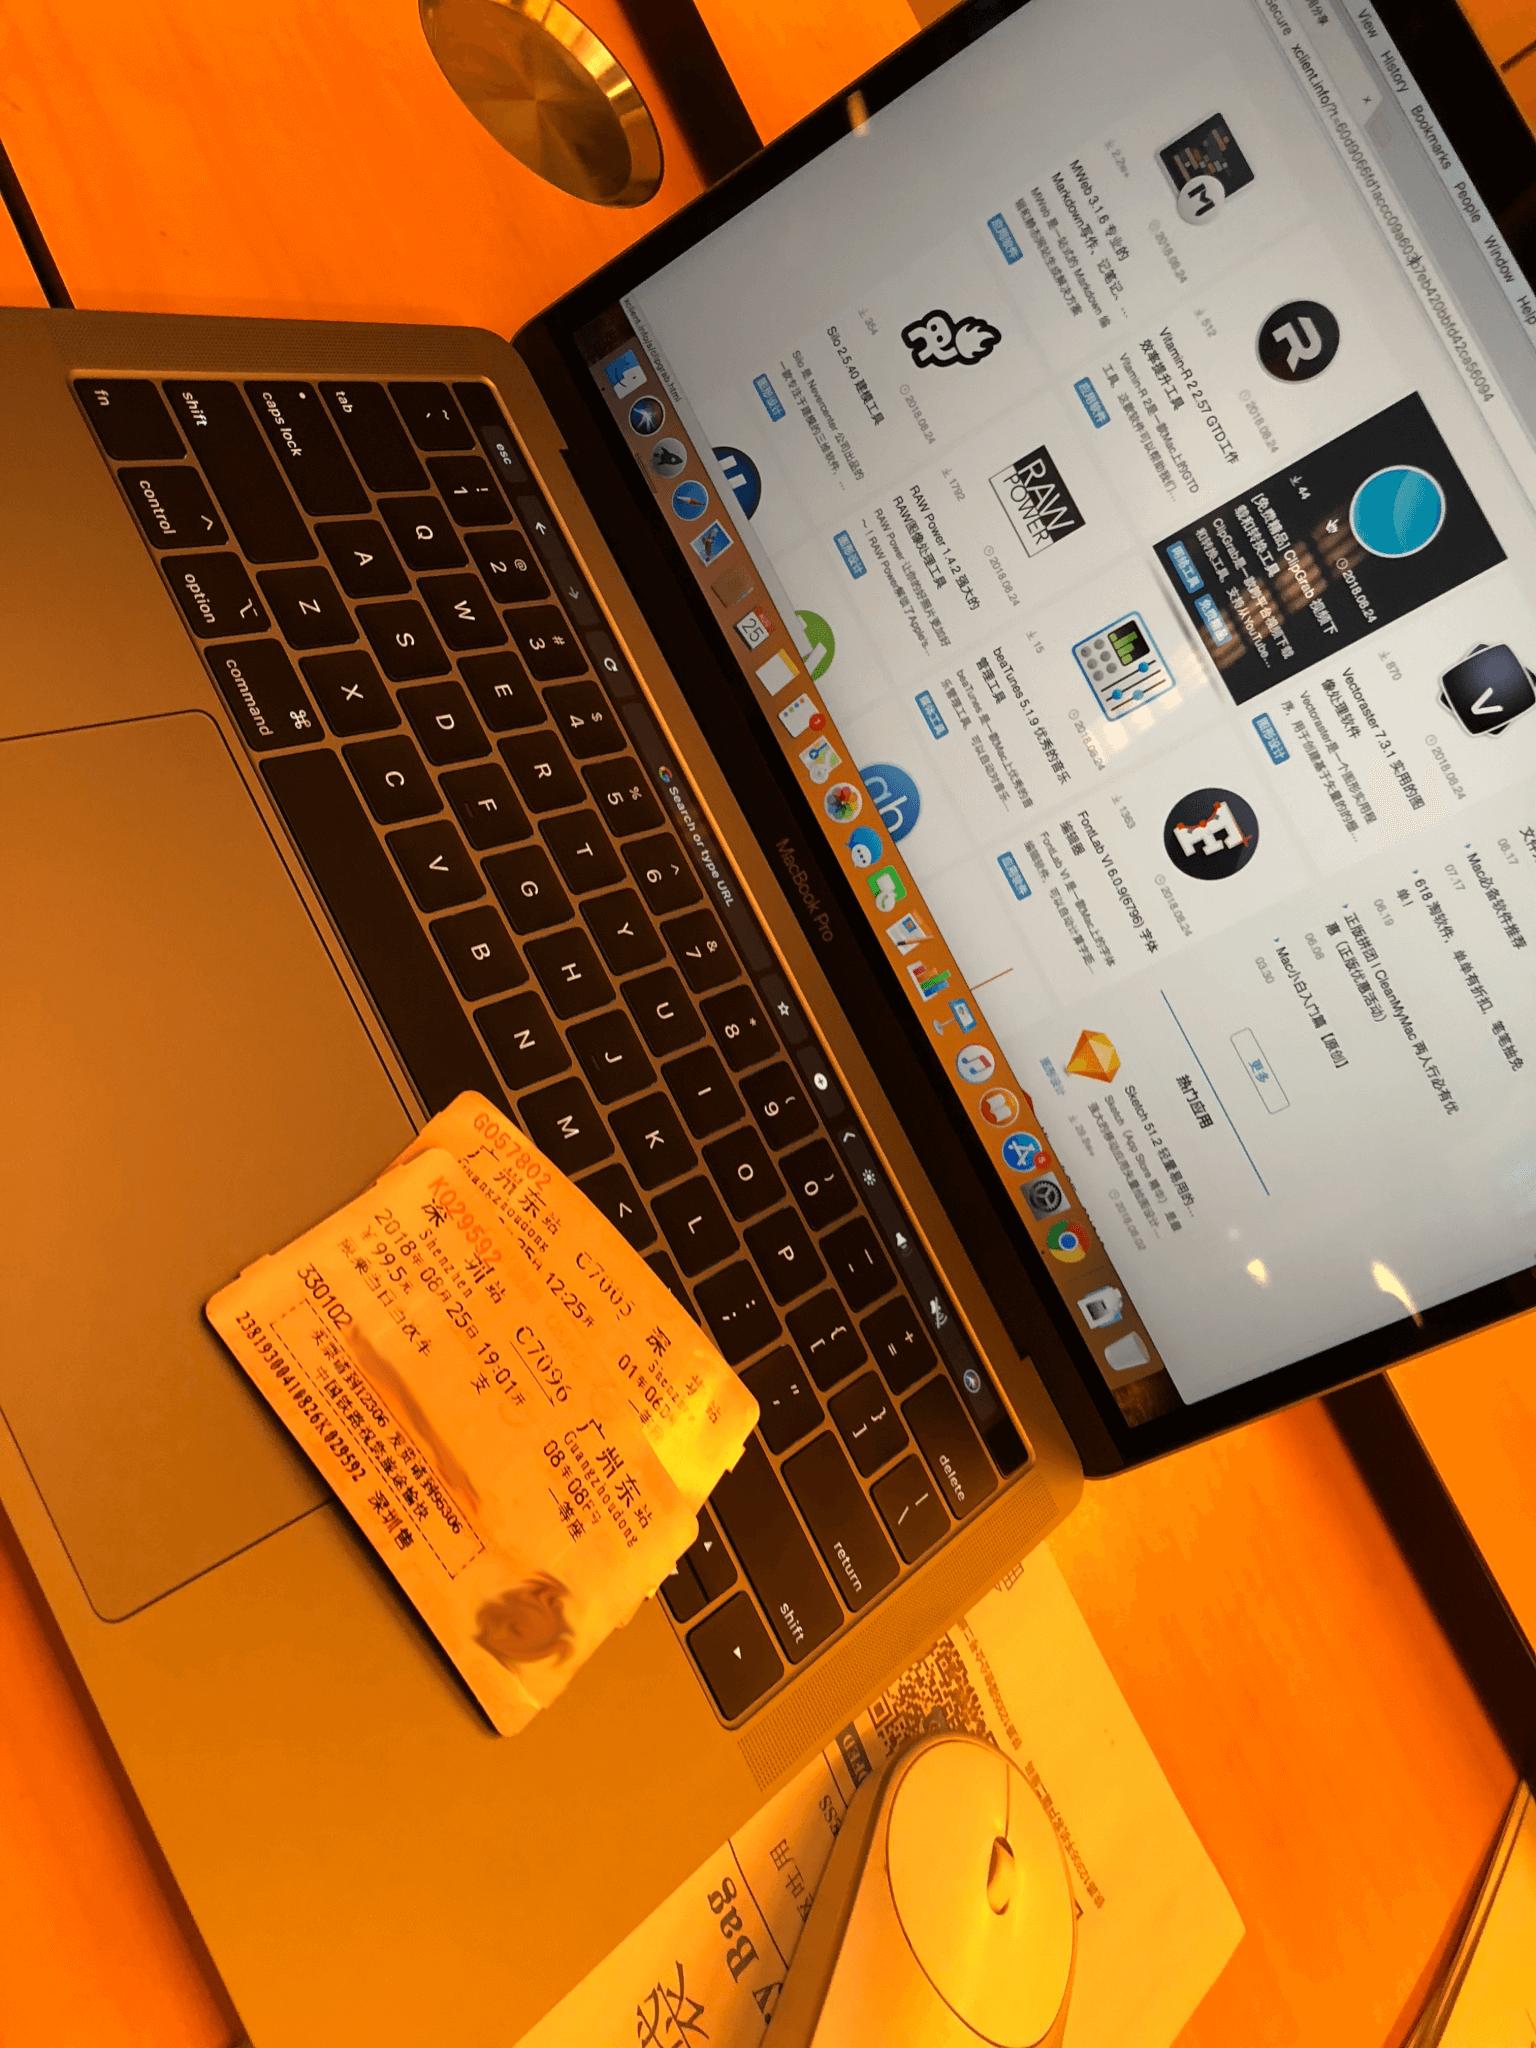 拿到的MacBook Pro